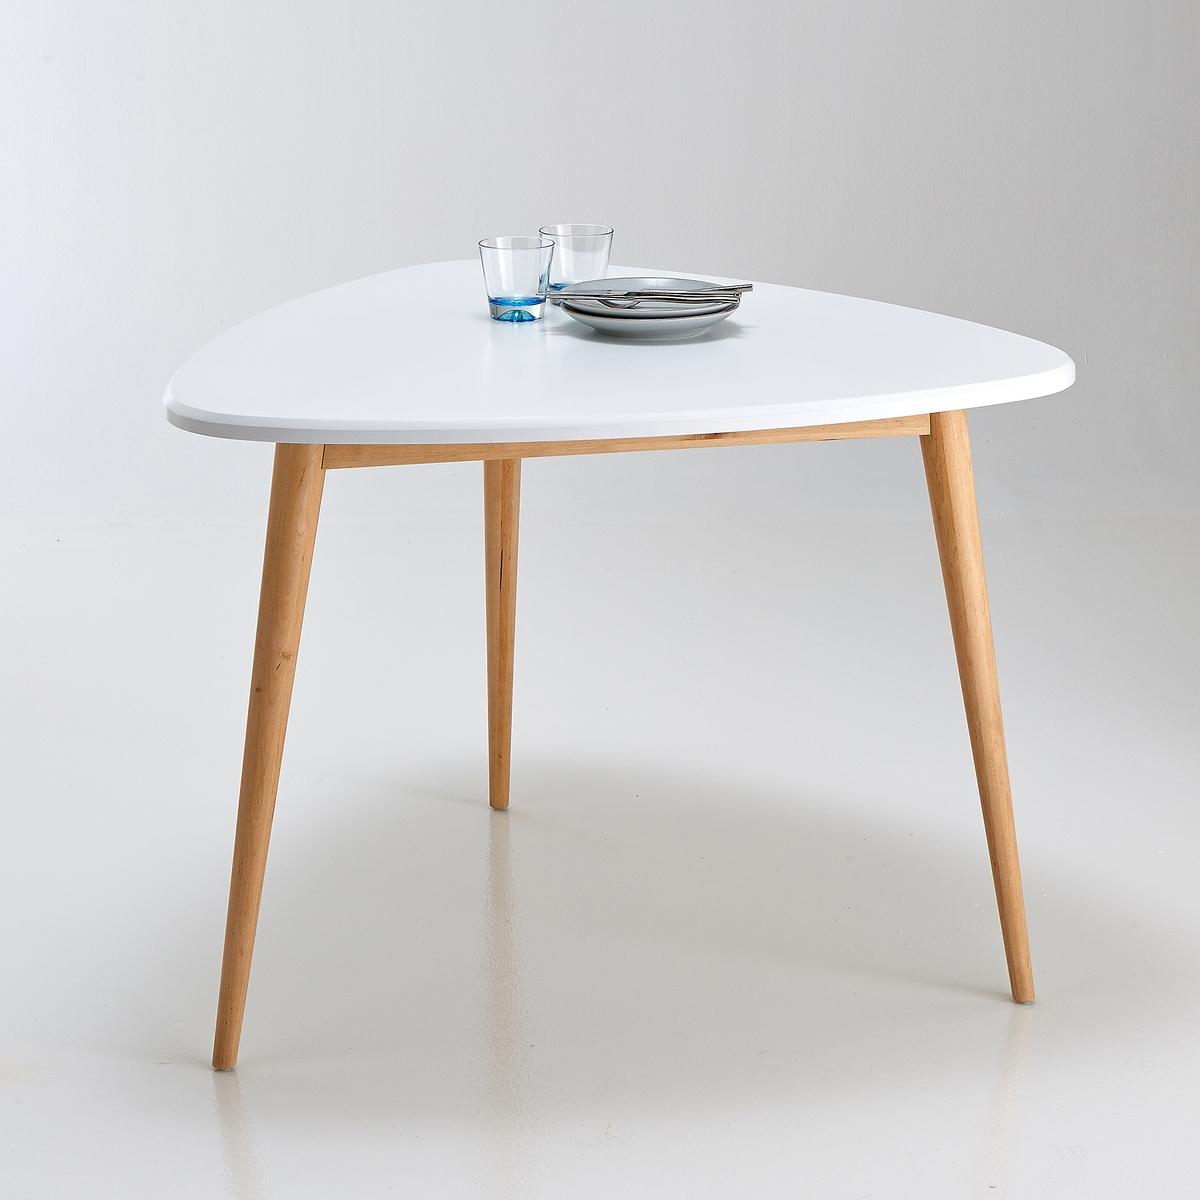 Стол обеденный на 3 персоны, JIMIСтол обеденный на 3 персоны, Jimi . Выполненный в стиле нео-ретро, этот стол прекрасно впишется в декор Вашей кухни или столовой ! Описание :Овальная форма- Рассчитан на 3 персоны.Характеристики :- Столешница из МДФ с покрытием белым и полиуретановым лаком.3 ножки из массива березы, лаковое покрытие.Для сохранения лакированного покрытия рекомендуем избегать ударов, из-за которых появляются микротрещины  . Настоятельно рекомендуем использовать подставки под тарелки и стаканы.Вся коллекция на сайте laredoute.ruРазмеры :Длина : 103,3 см.Высота : 75 смГлубина : 100 смРазмеры и вес ящика :1 упаковкаДл. 111 x Выс. 12,5 x Гл, 109 см, 21,9 кг.Доставка на дом :Данная модель стола требует самостоятельной сборки. Доставка осуществляется до квартиры  по предварительному согласованию!Внимание ! Убедитесь, что посылку возможно доставить на дом, учитывая ее габариты.<br><br>Цвет: белый